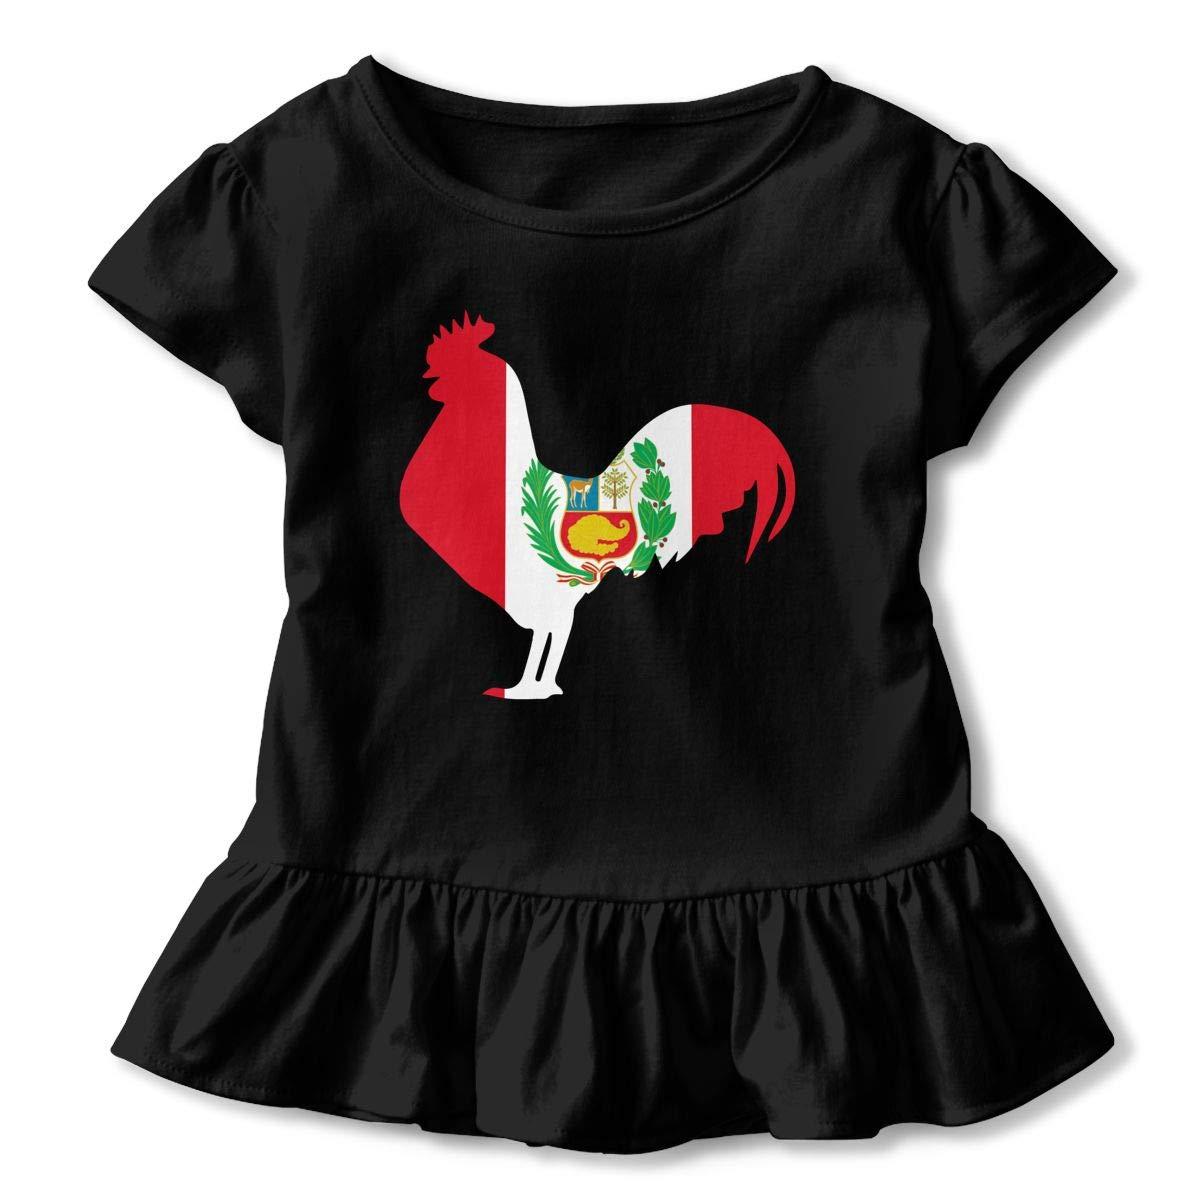 SHIRT1-KIDS Peru Flag Rooster Toddler//Infant Girls Short Sleeve T-Shirts Ruffles Shirt T-Shirt for 2-6T